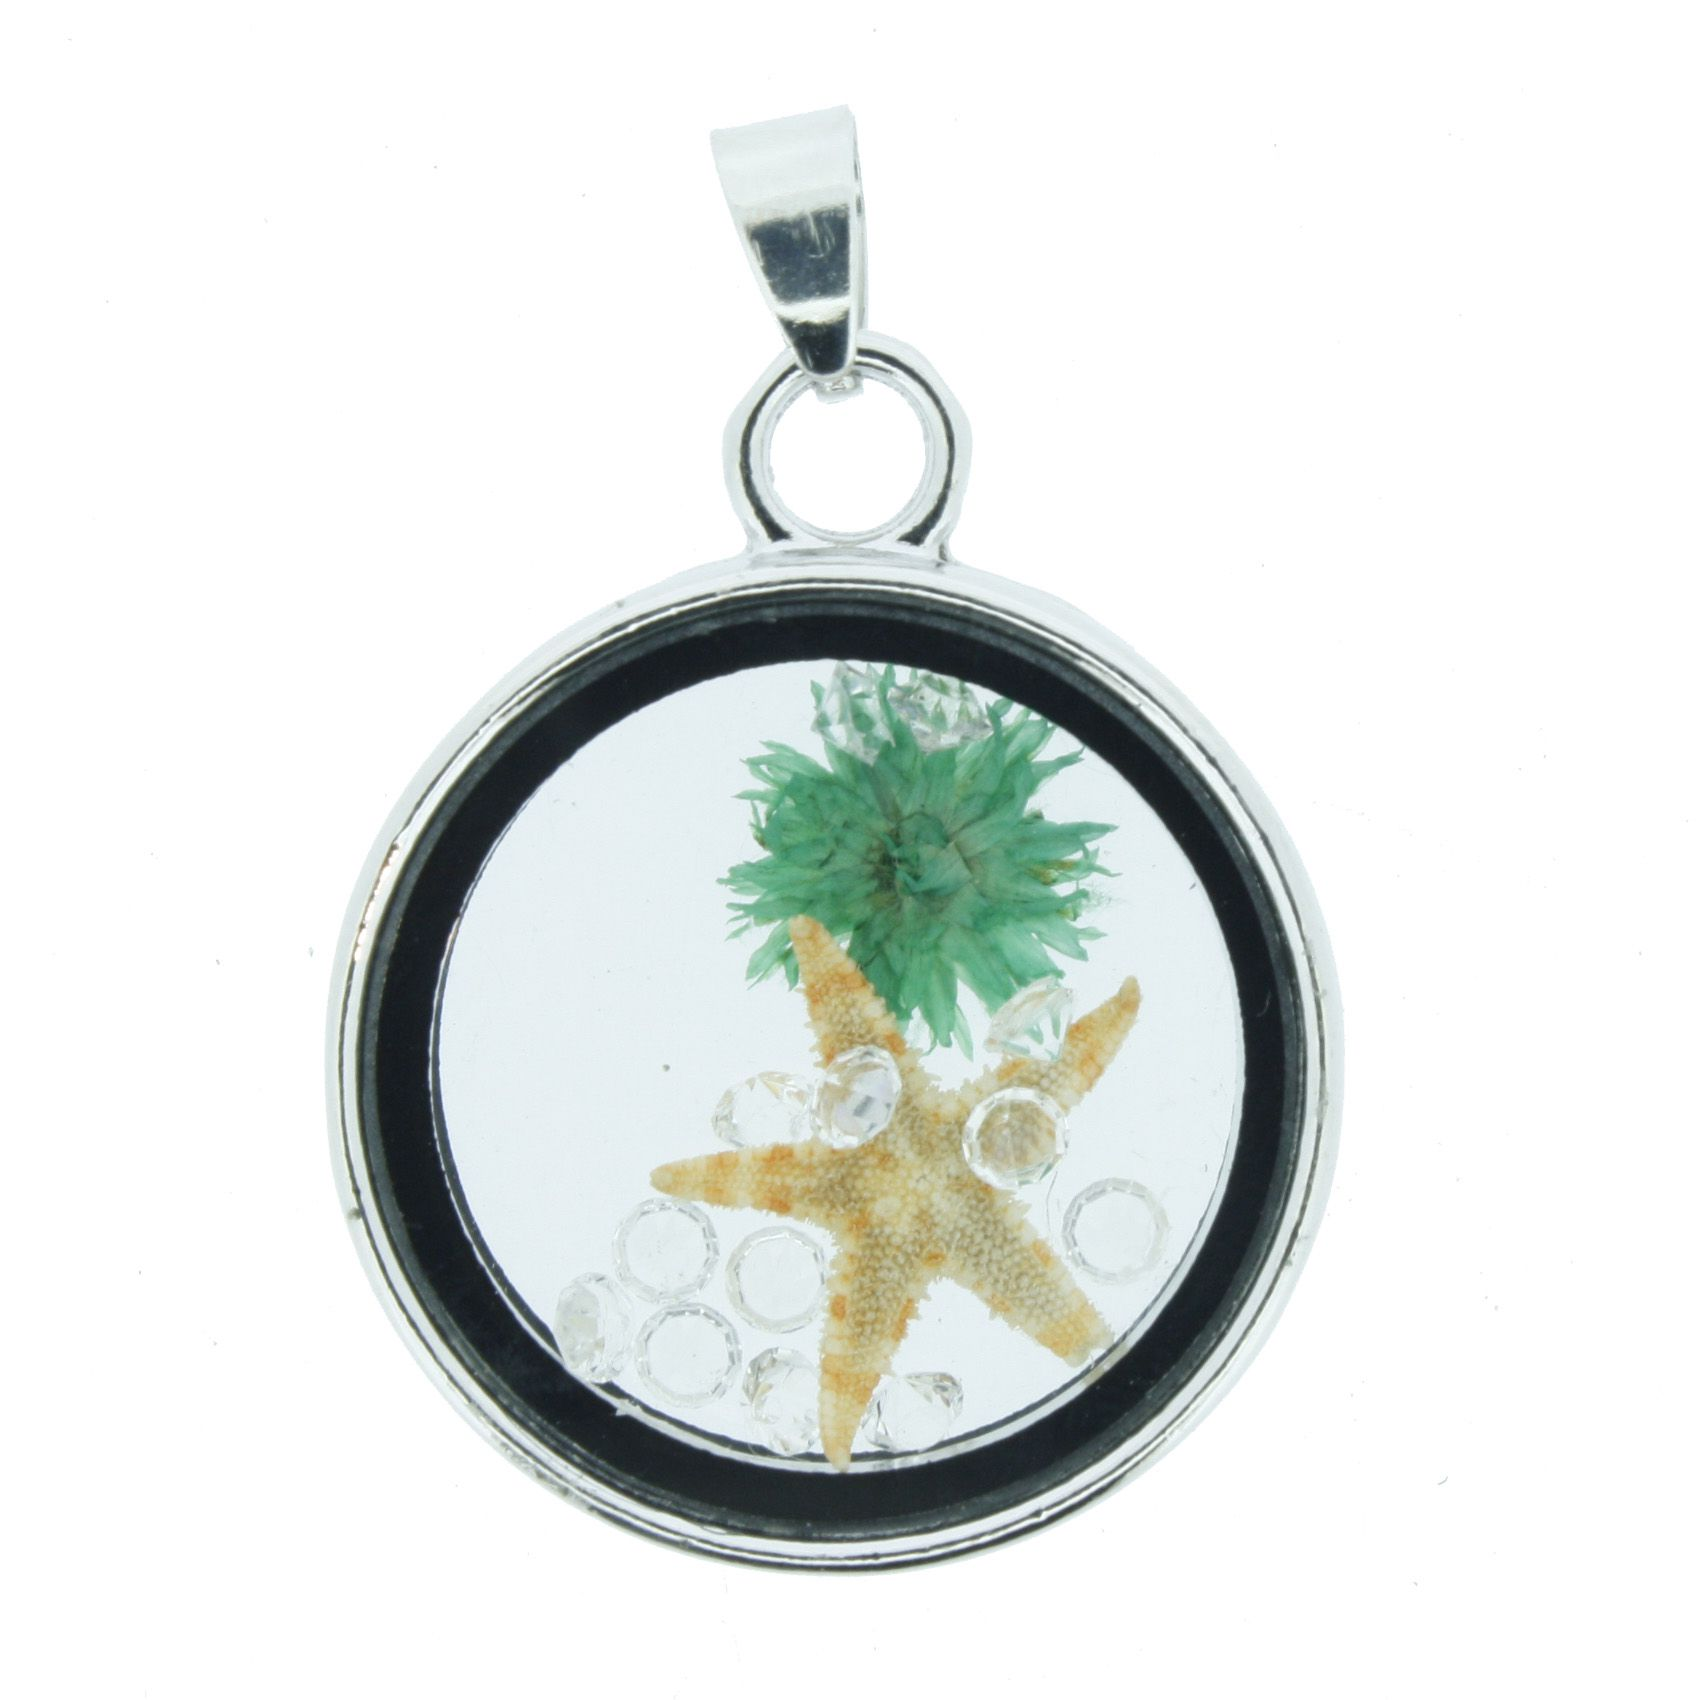 Cápsula Fundo do Mar - Transparente com Verde - 28mm  - Stéphanie Bijoux® - Peças para Bijuterias e Artesanato